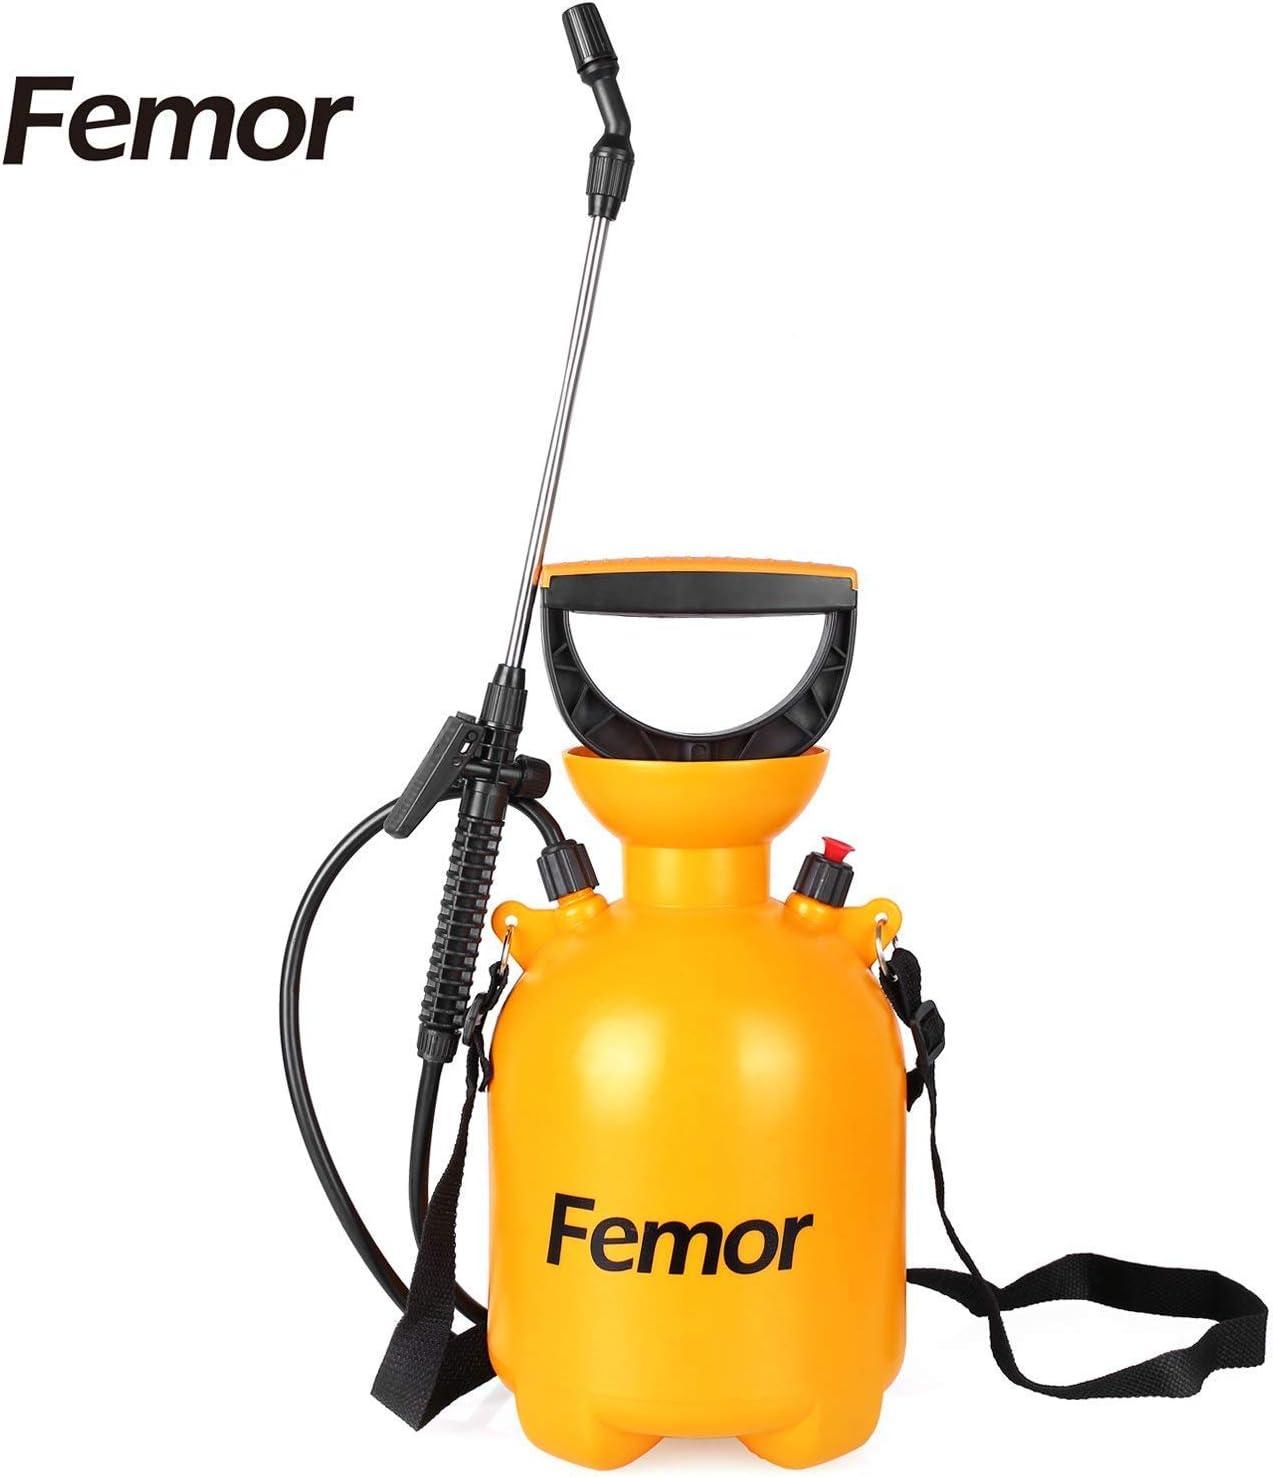 Femor Pulverizador de Presión Rociador con Bomba de Presión de Jardín con Boquilla Ajustable y Correa de Hombro Capacidad de 12L/3L/1,5L Color Naranja (3L)